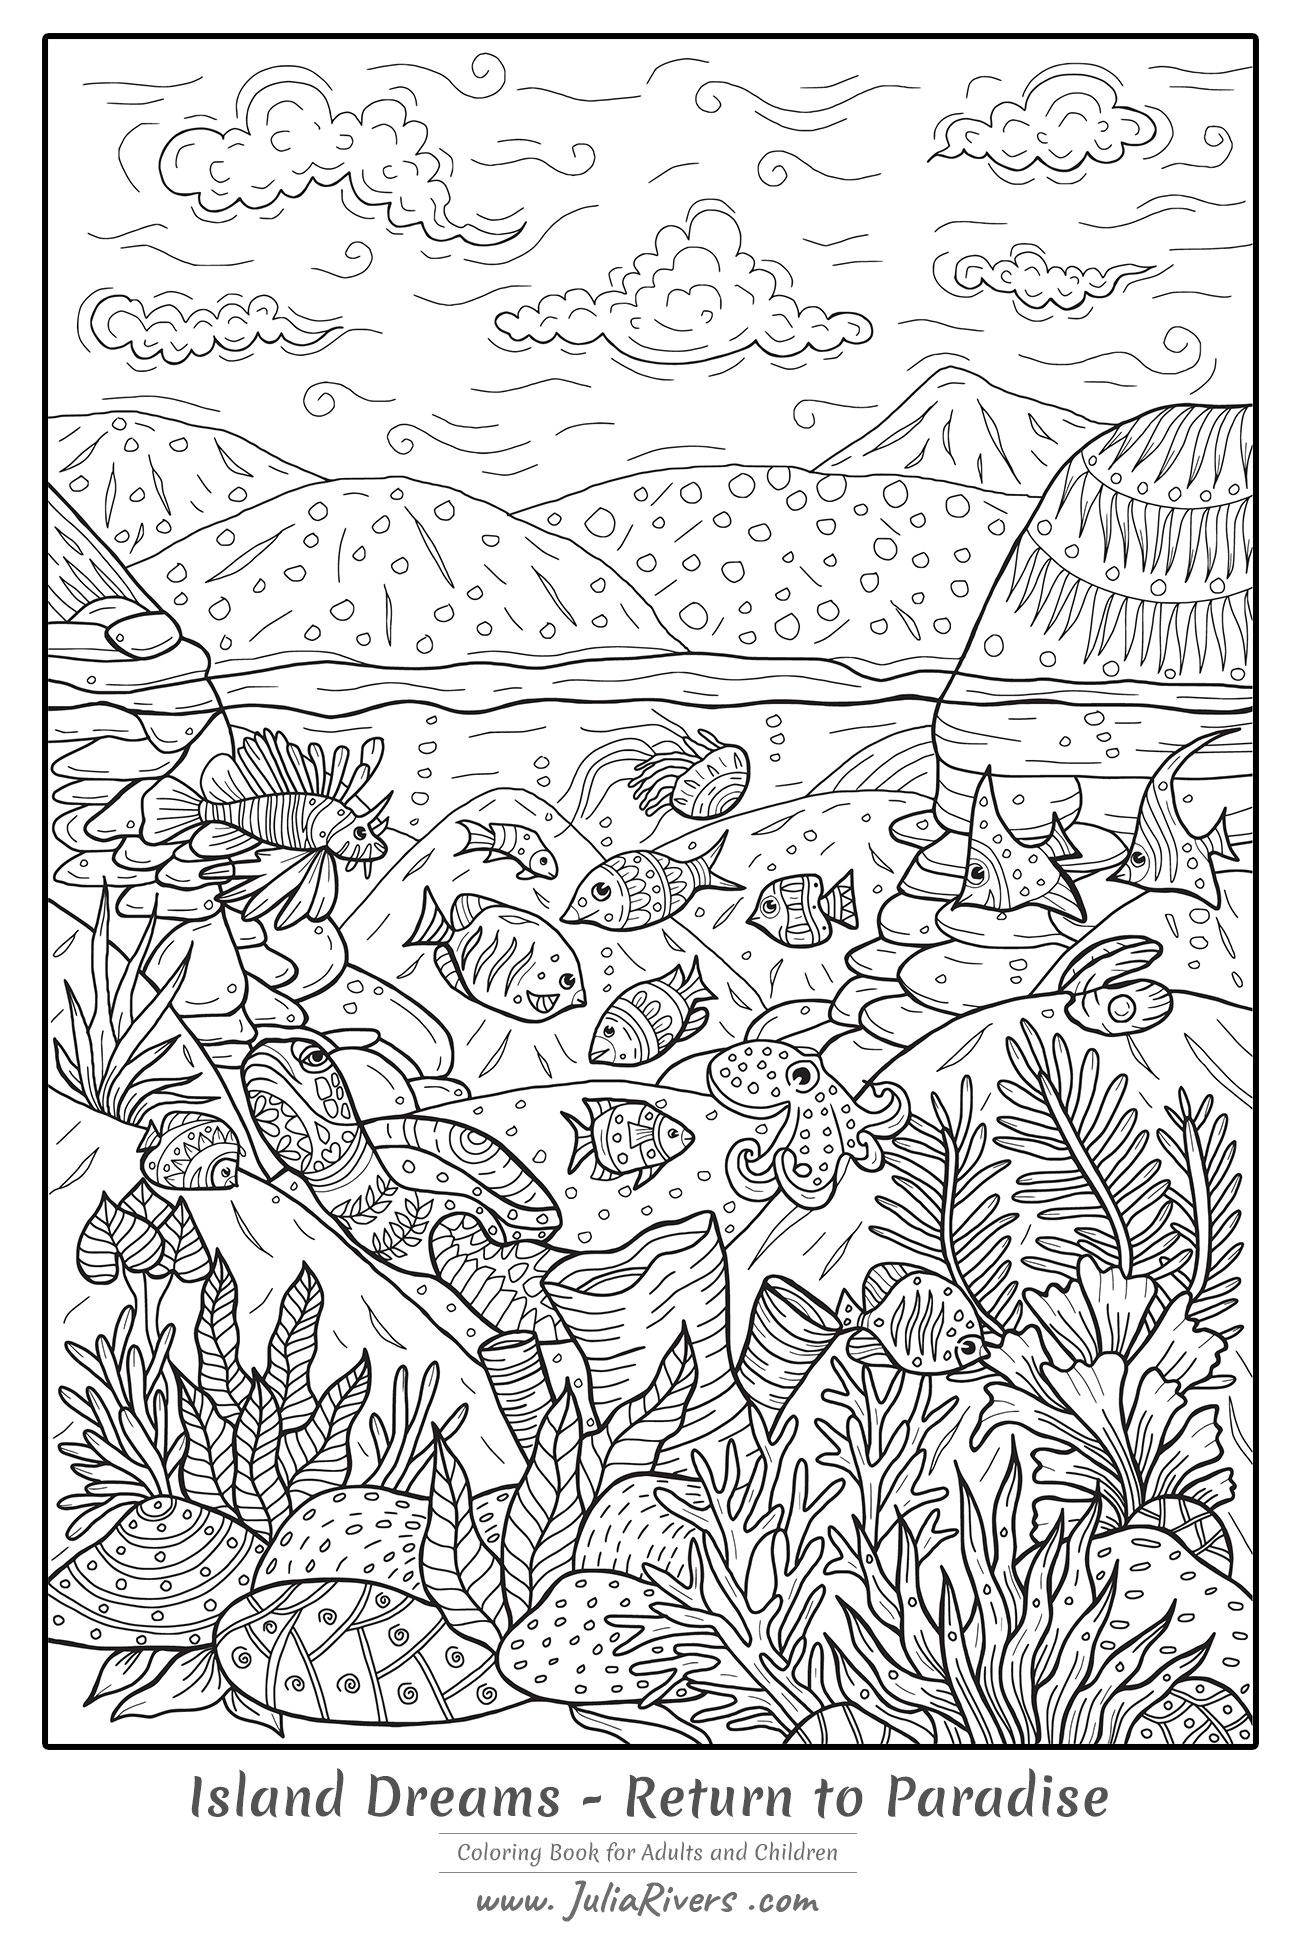 'L'île des rêves : Retour au Paradis' : Plongez dans ce magnifique coloriage représentant différentes créatures et espèces végétales sous-marines, avec un magnifique paysage en arrière-plan